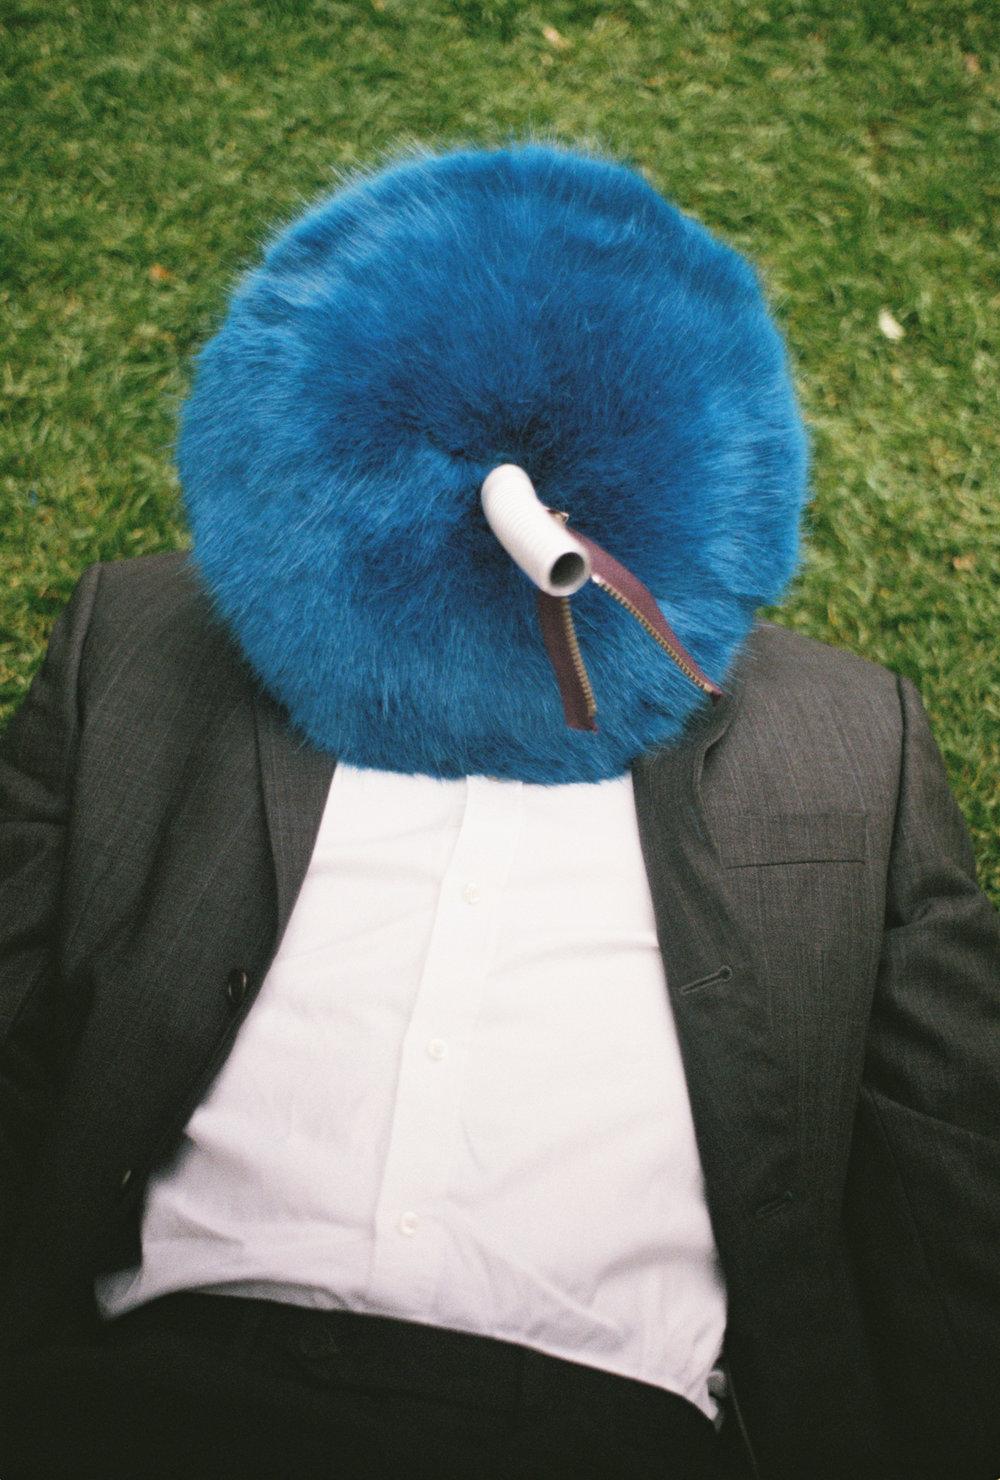 blueapple.jpg